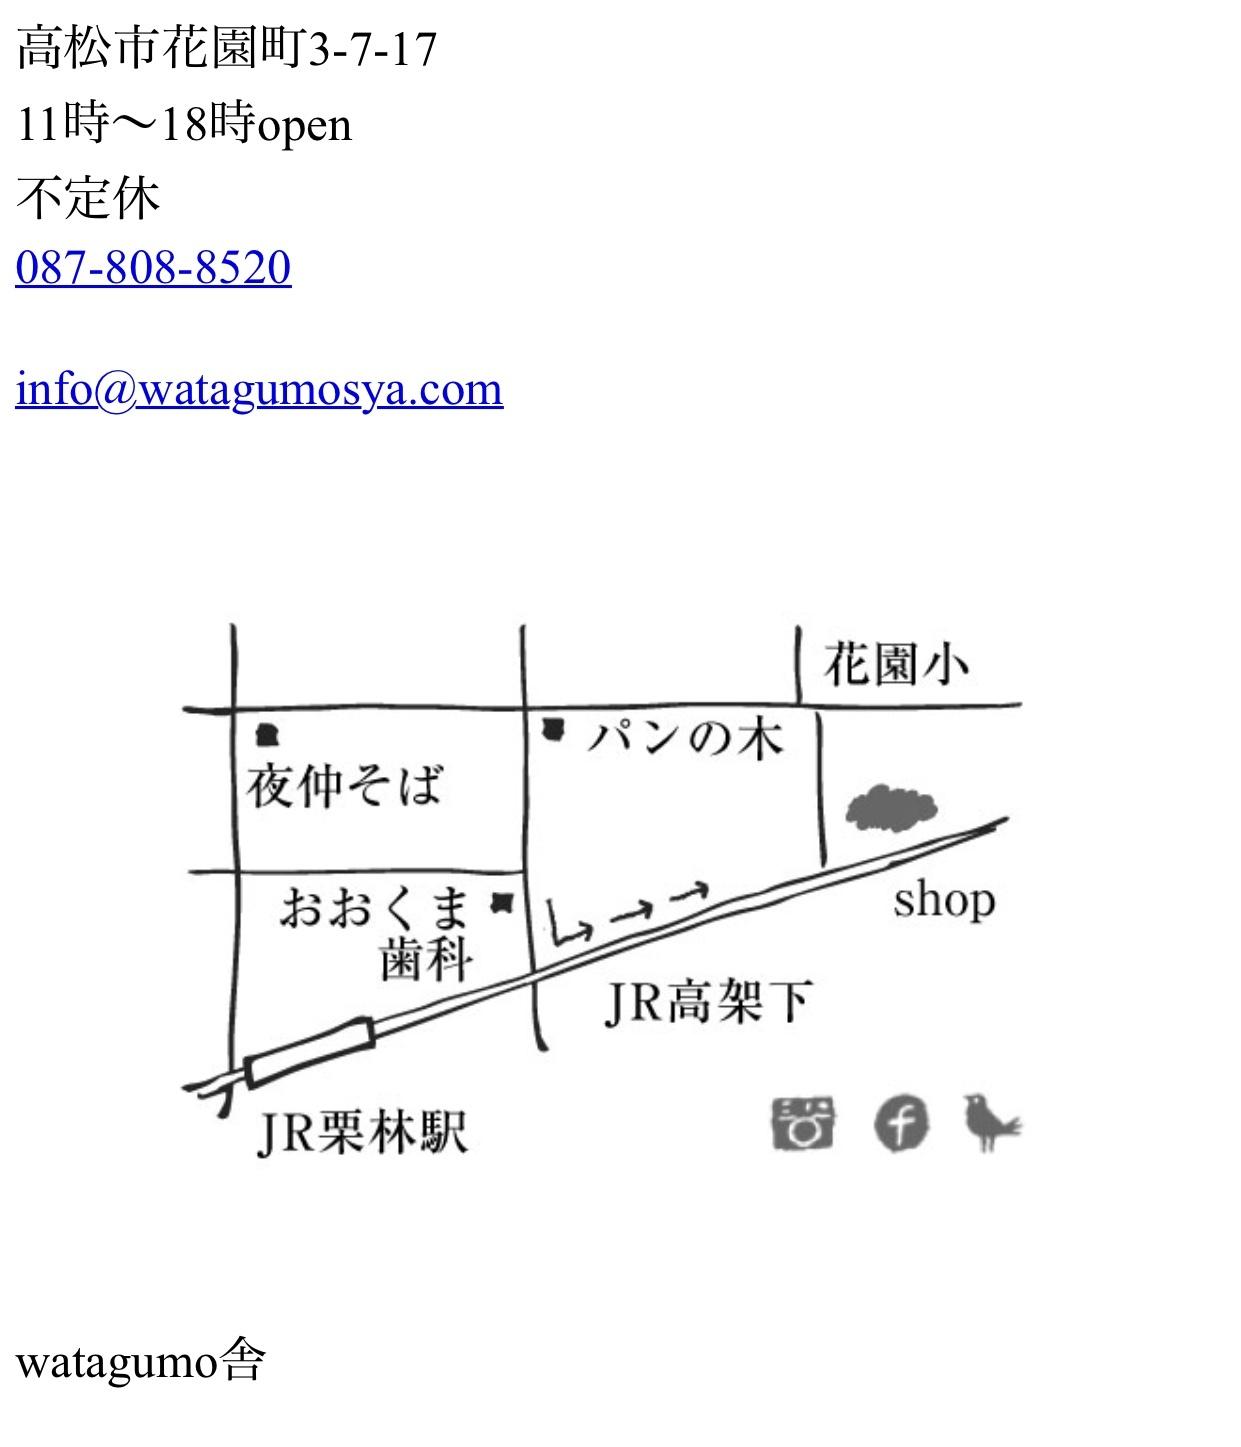 冬のタカラモノ展2018@高松watagumo舎_a0137727_14000707.jpeg